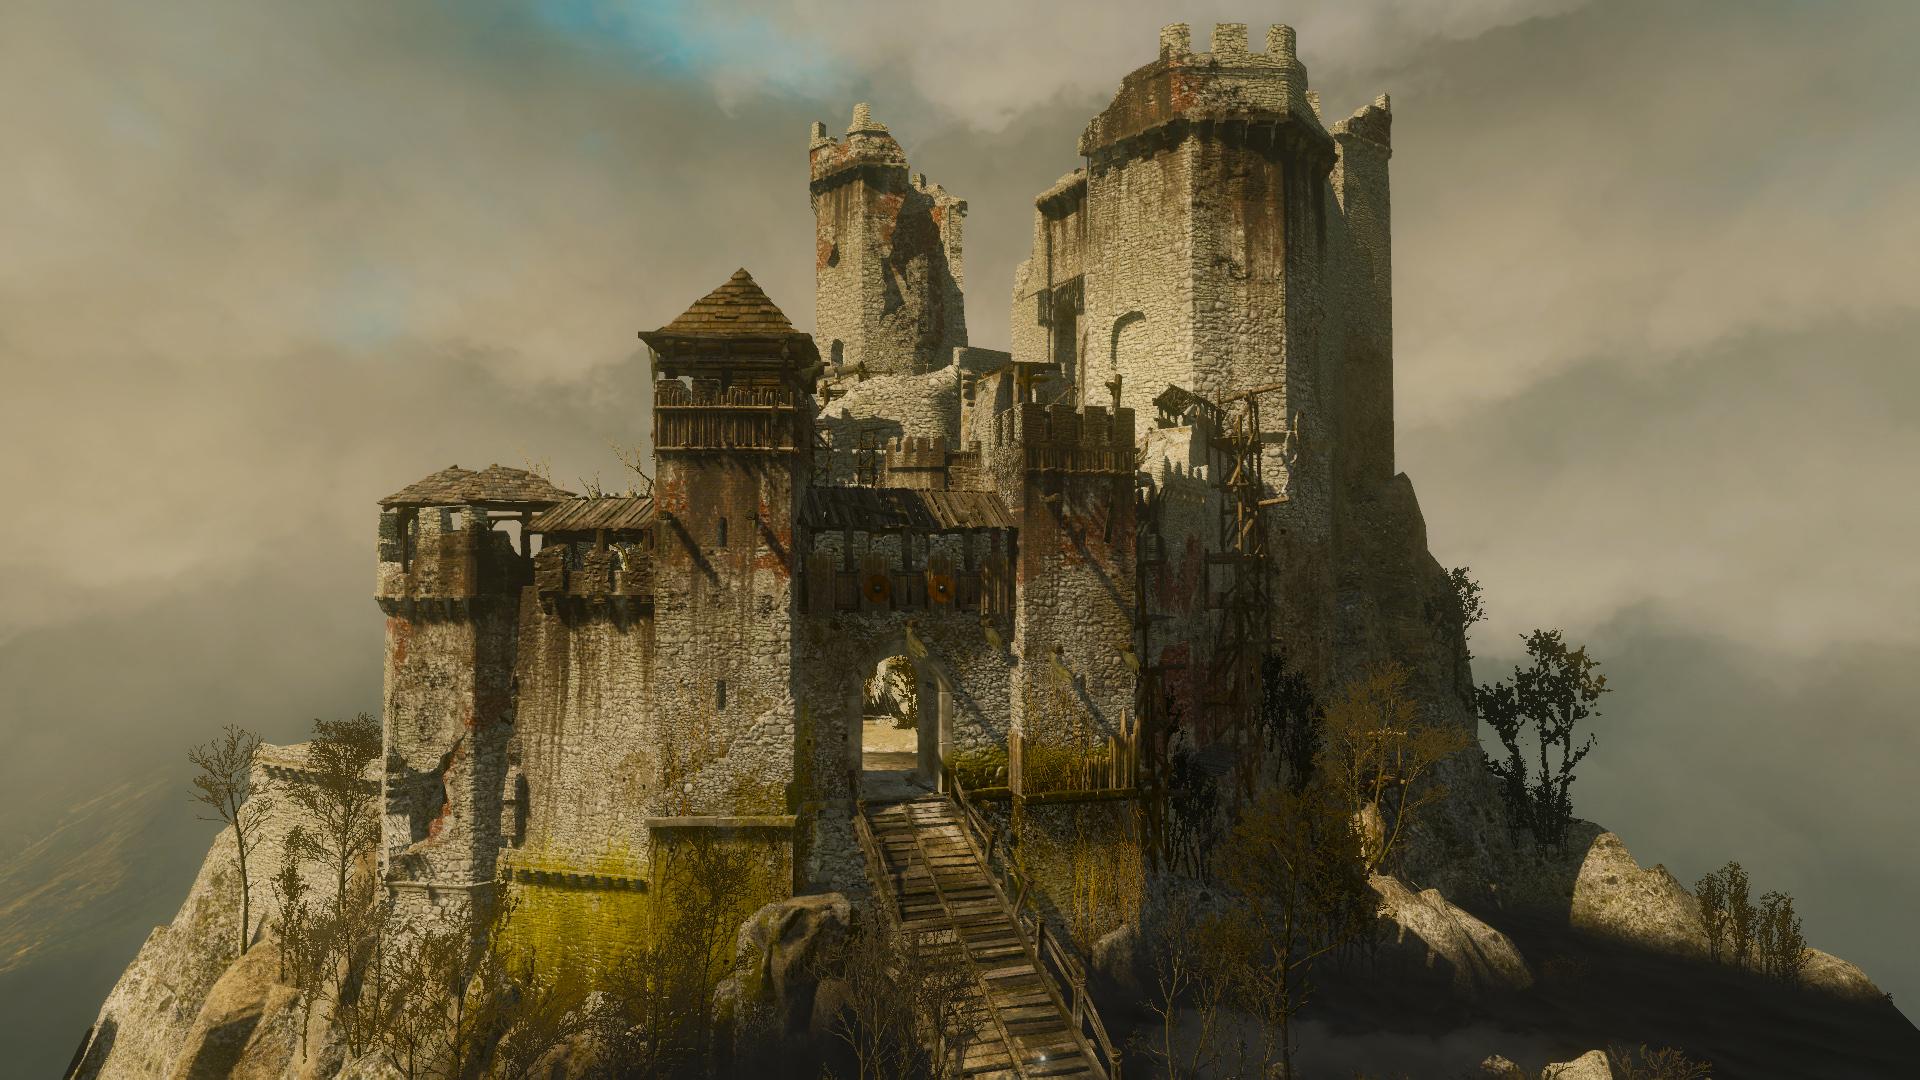 Cloud Giant S Castle Witcher Wiki Fandom Powered By Wikia